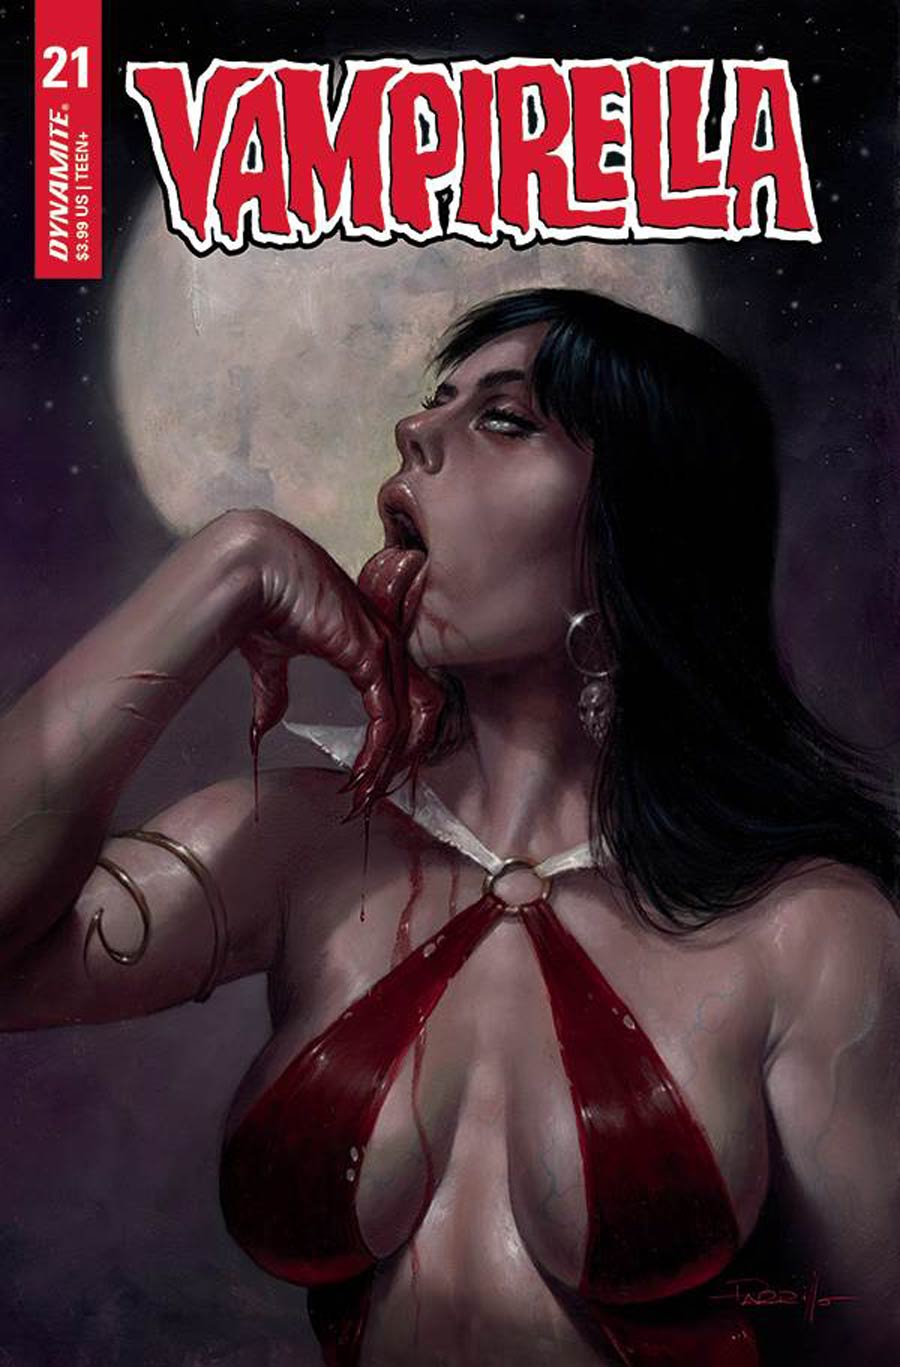 Vampirella Vol 8 #21 Cover A Regular Lucio Parrillo Cover